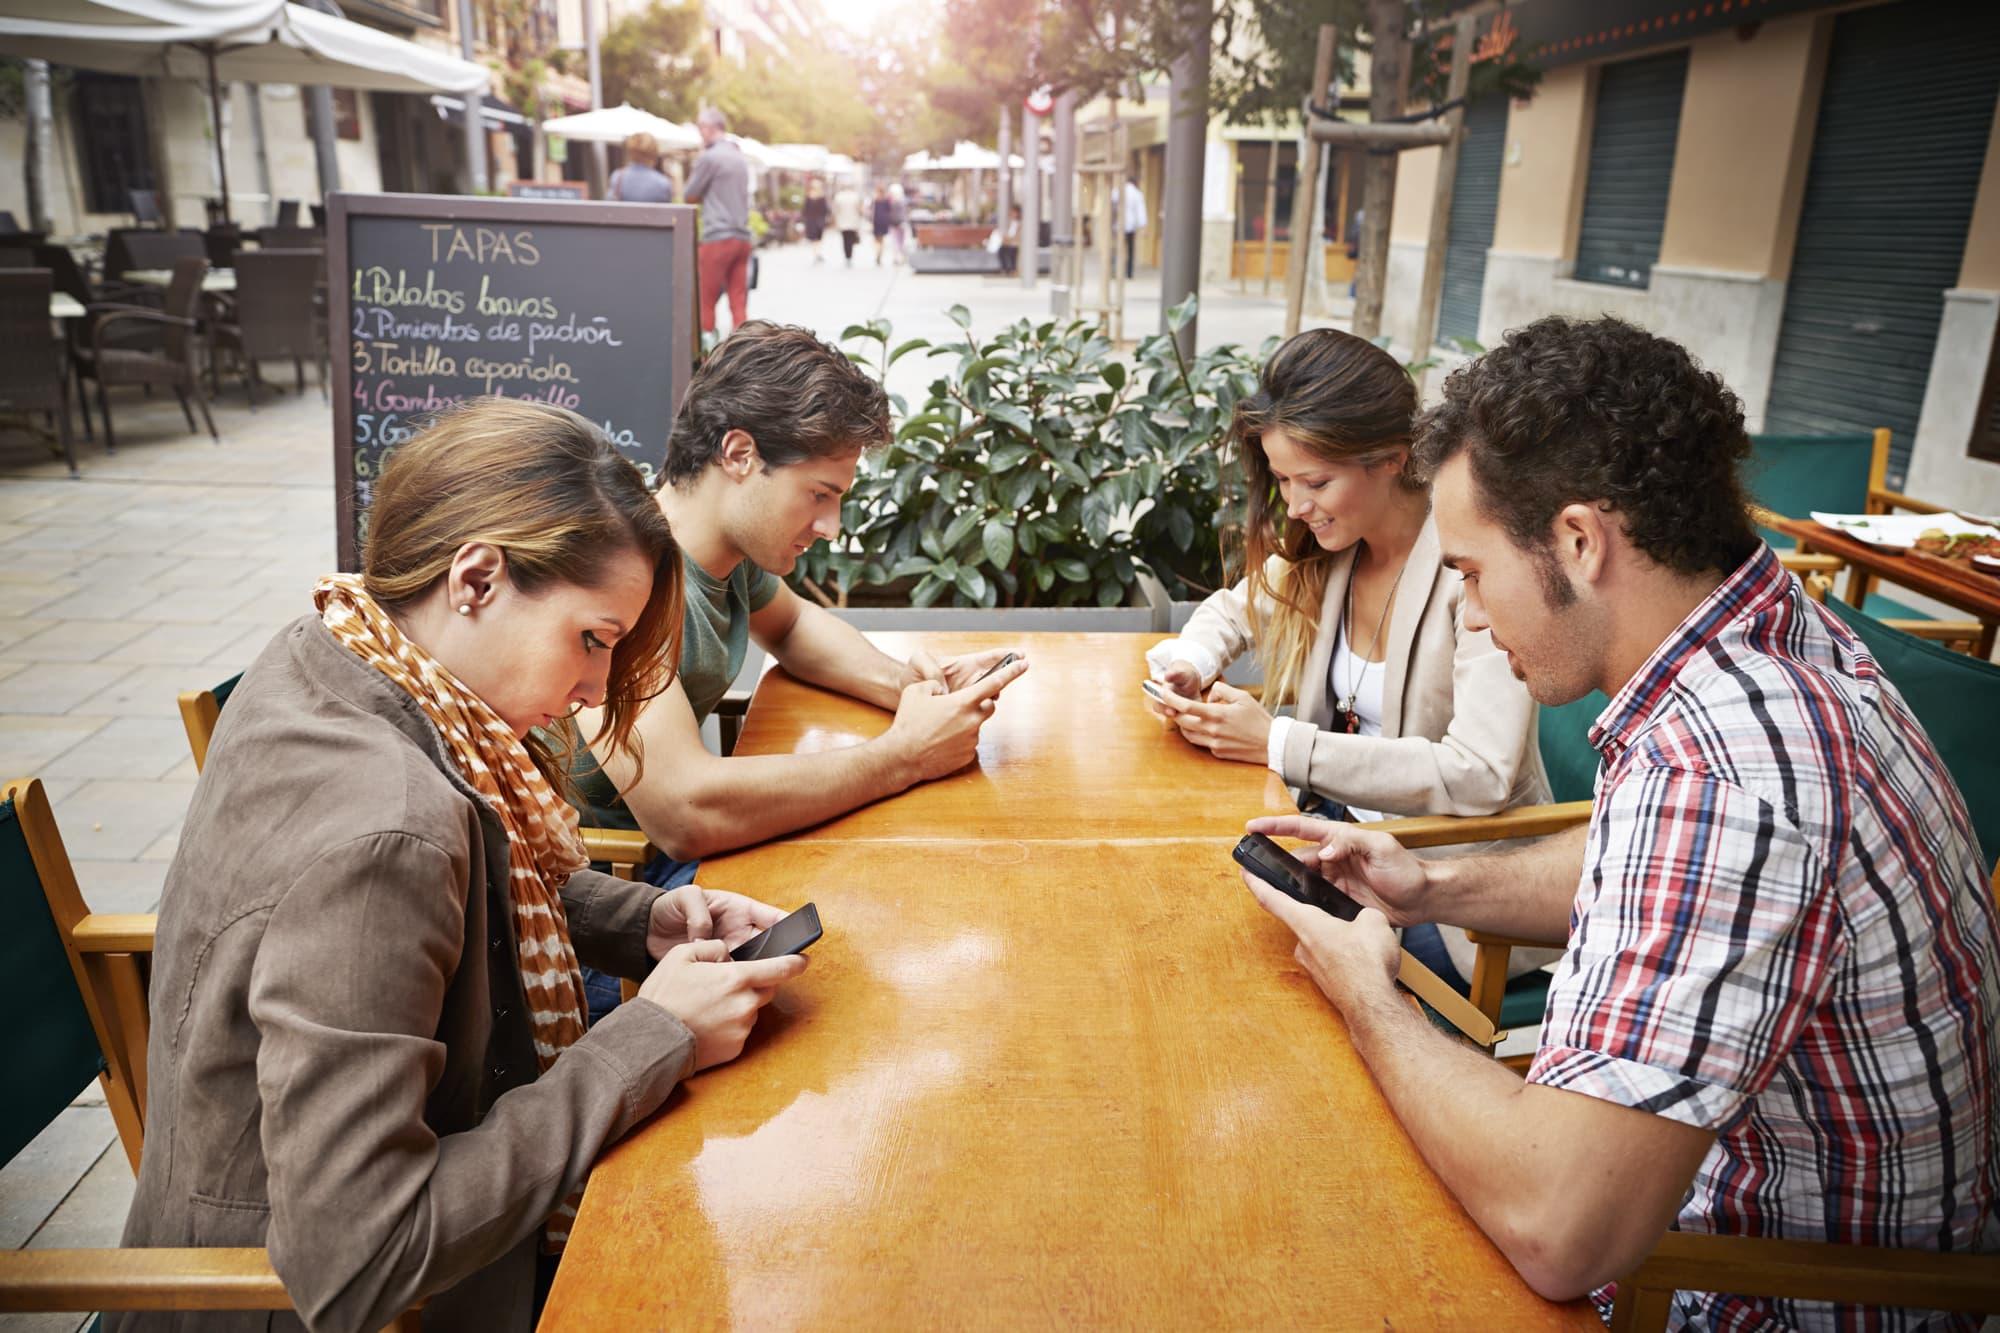 facebook kills face to face conversation skills essay